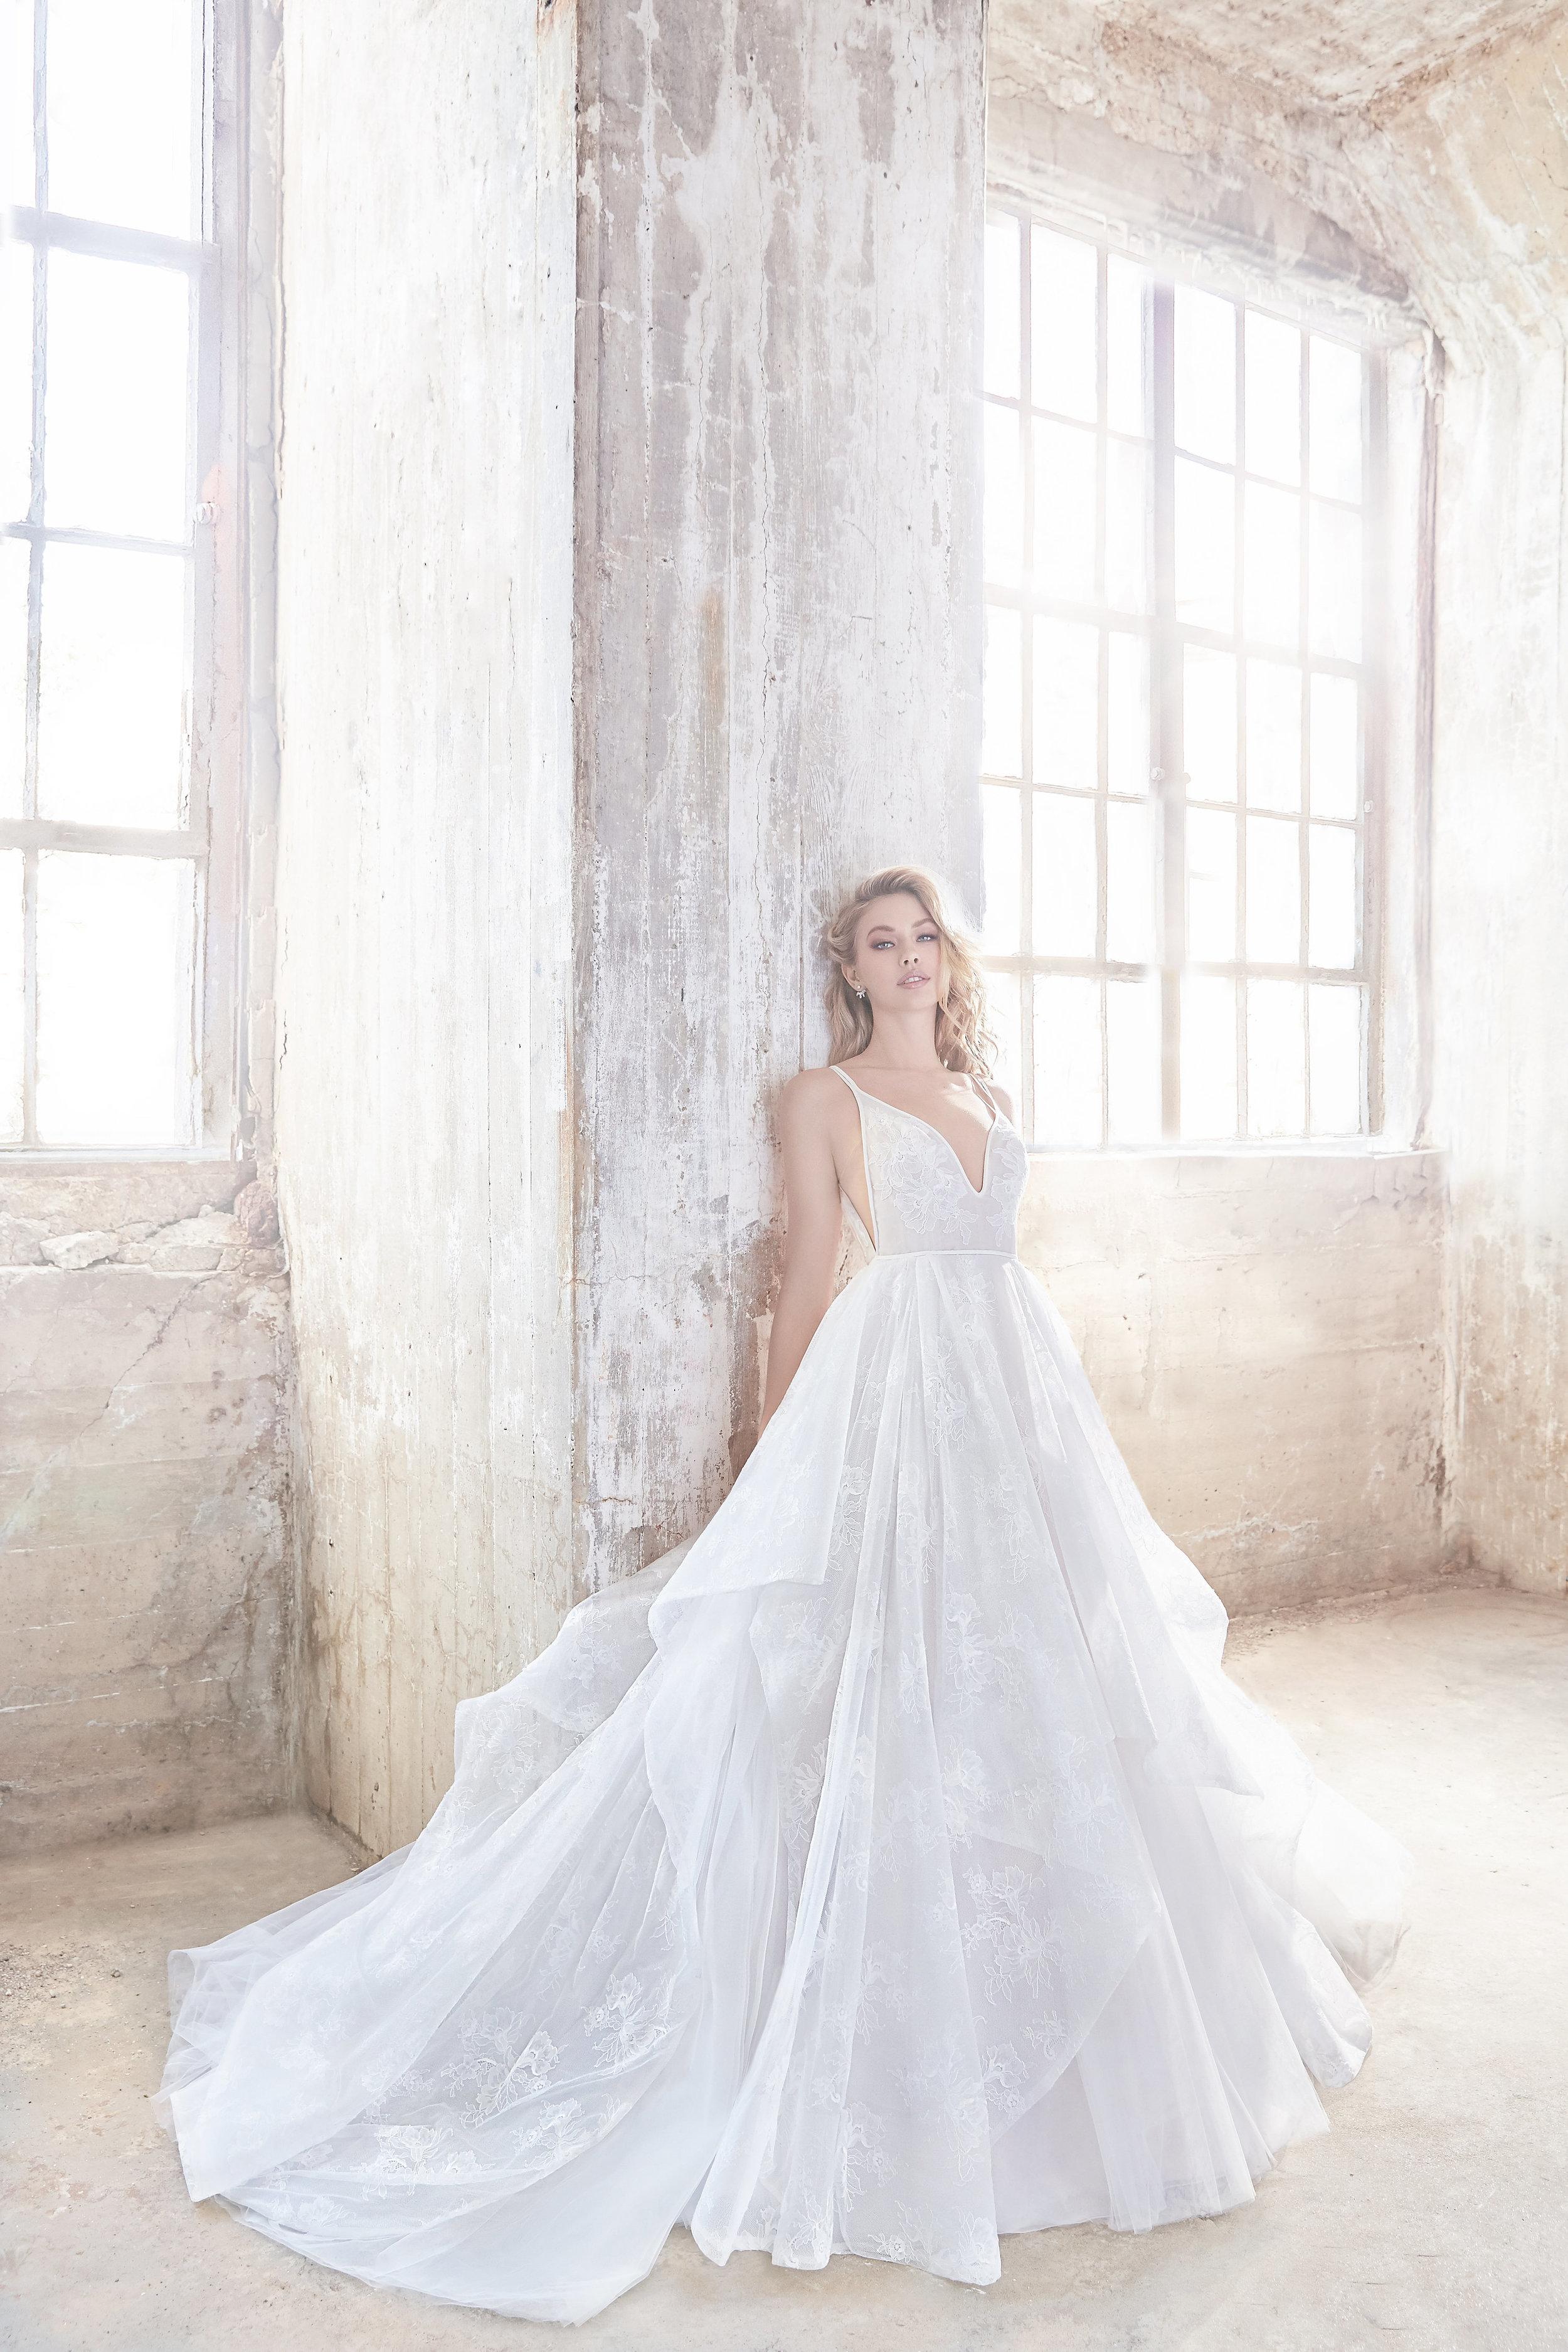 hayley-paige-bridal-spring-2018-style-6811-kellan_7.jpg